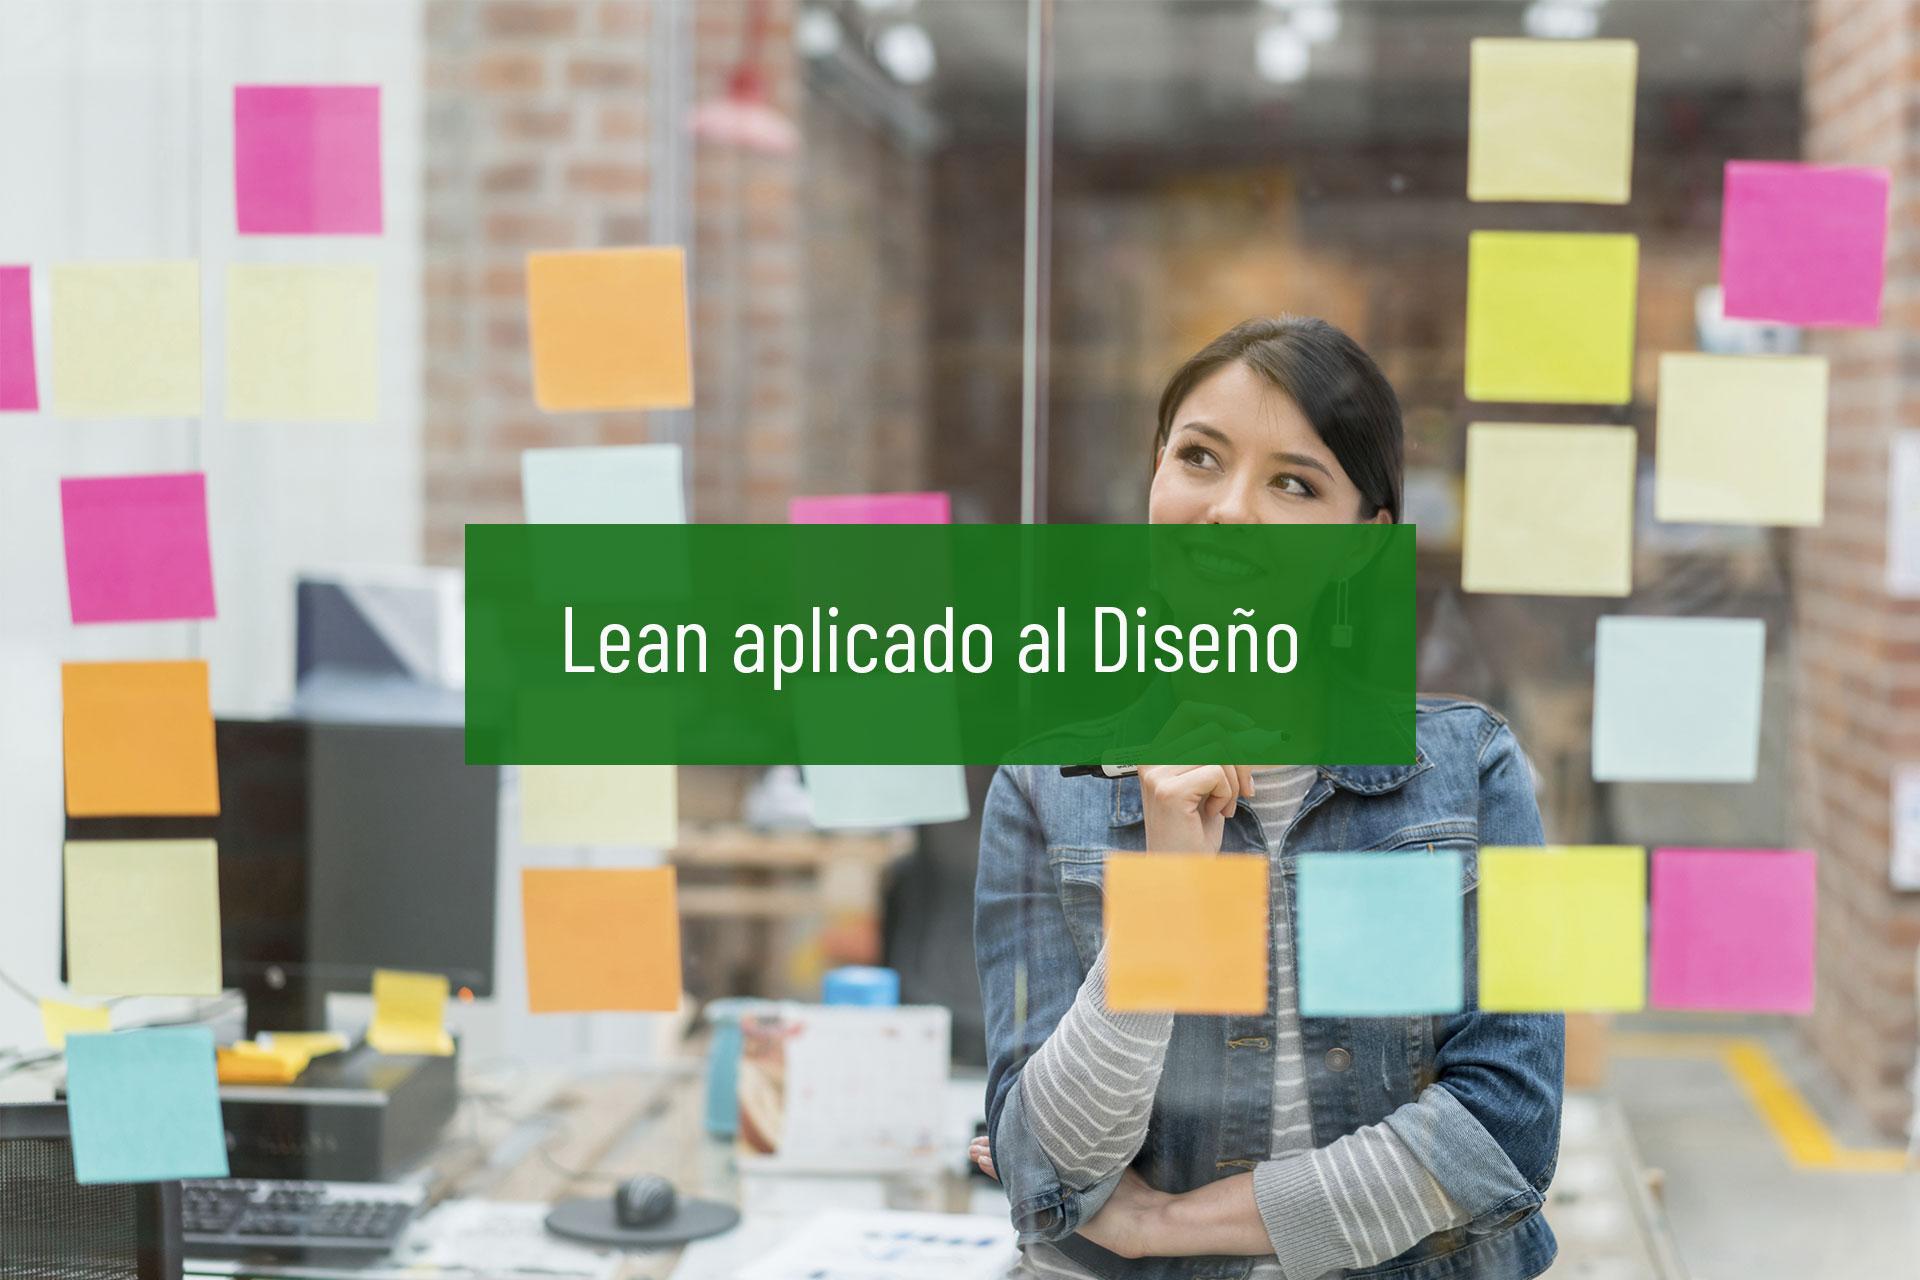 Lean aplicado al Diseño